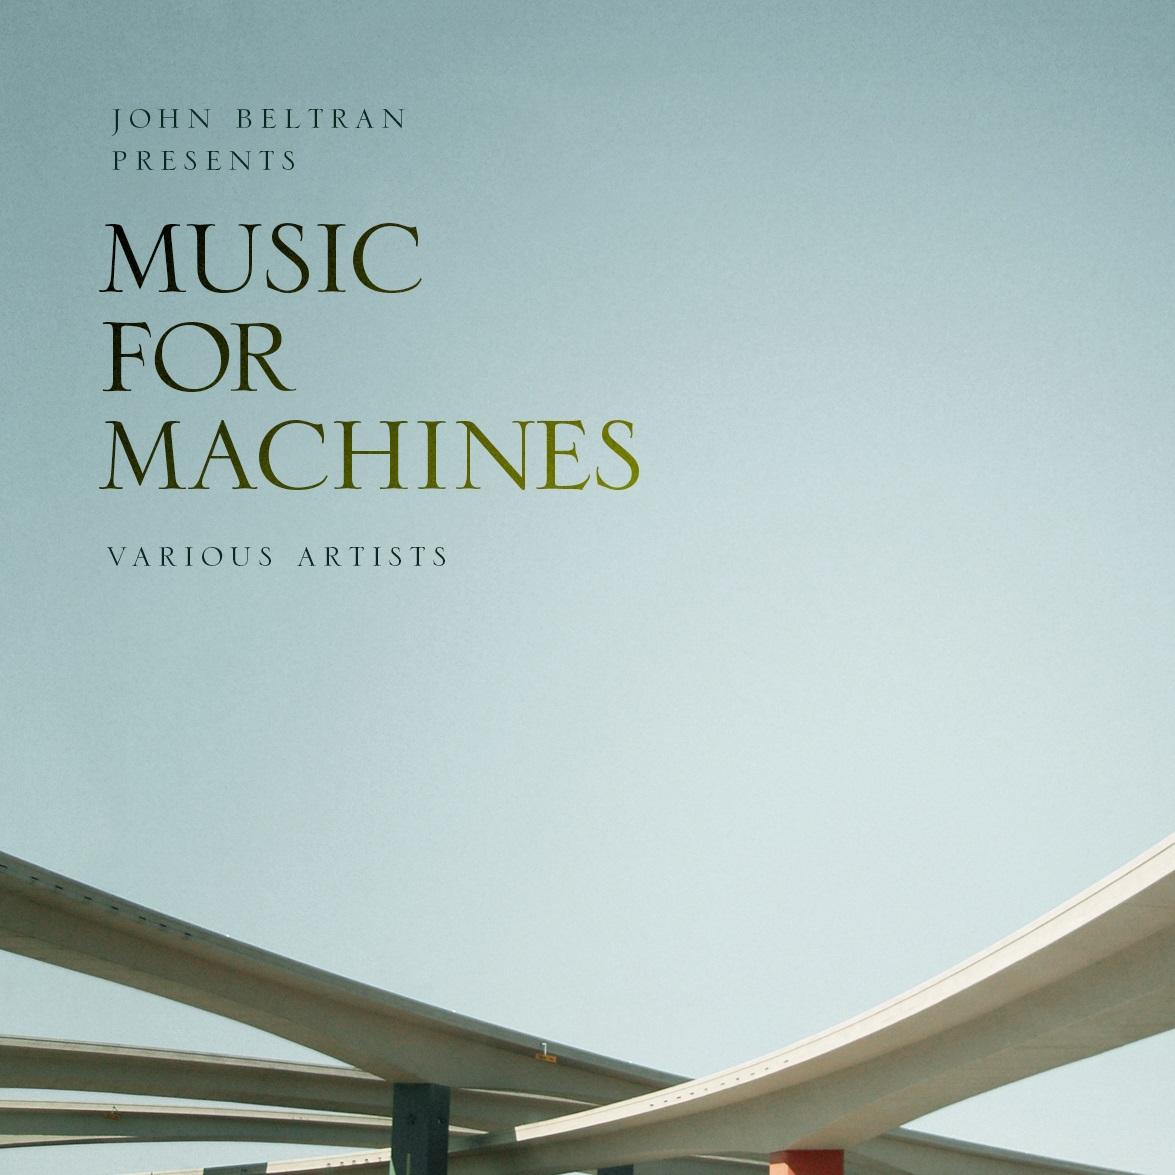 John Beltran verkündet neue Doppel-LP auf Delsin – Music For Machines